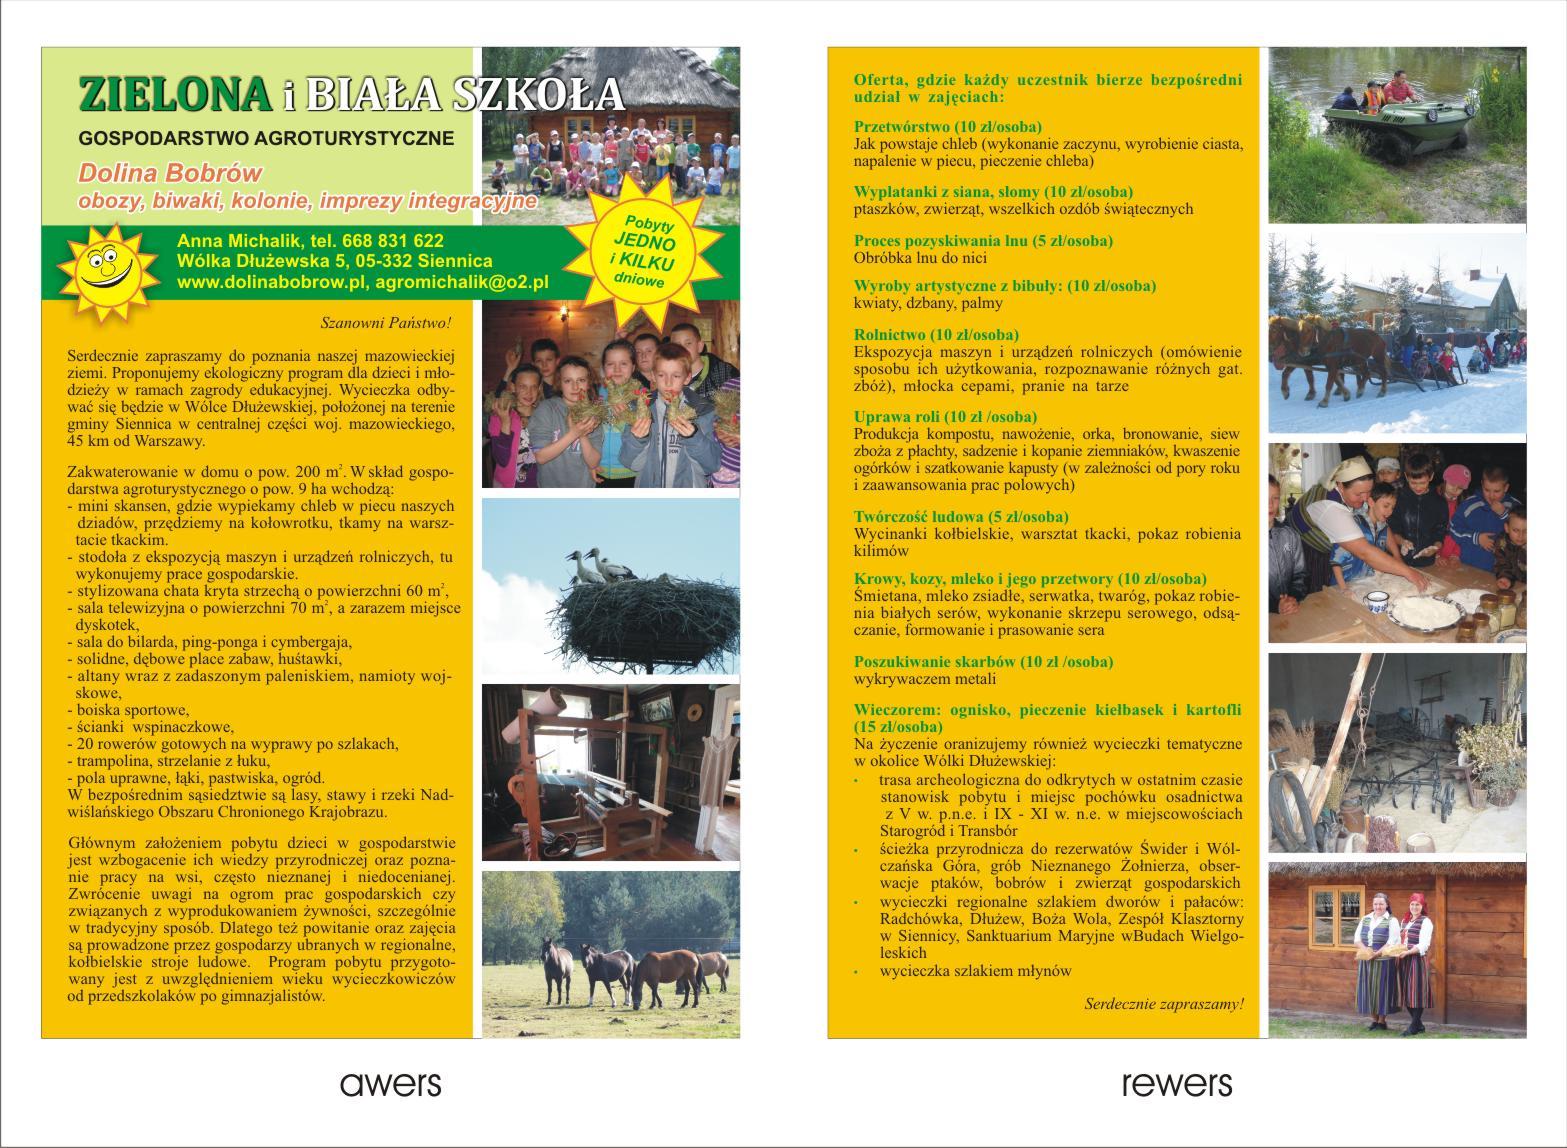 Zielona i biała szkoła - gospodarstwo agroturystyczne Dolina Bobrów